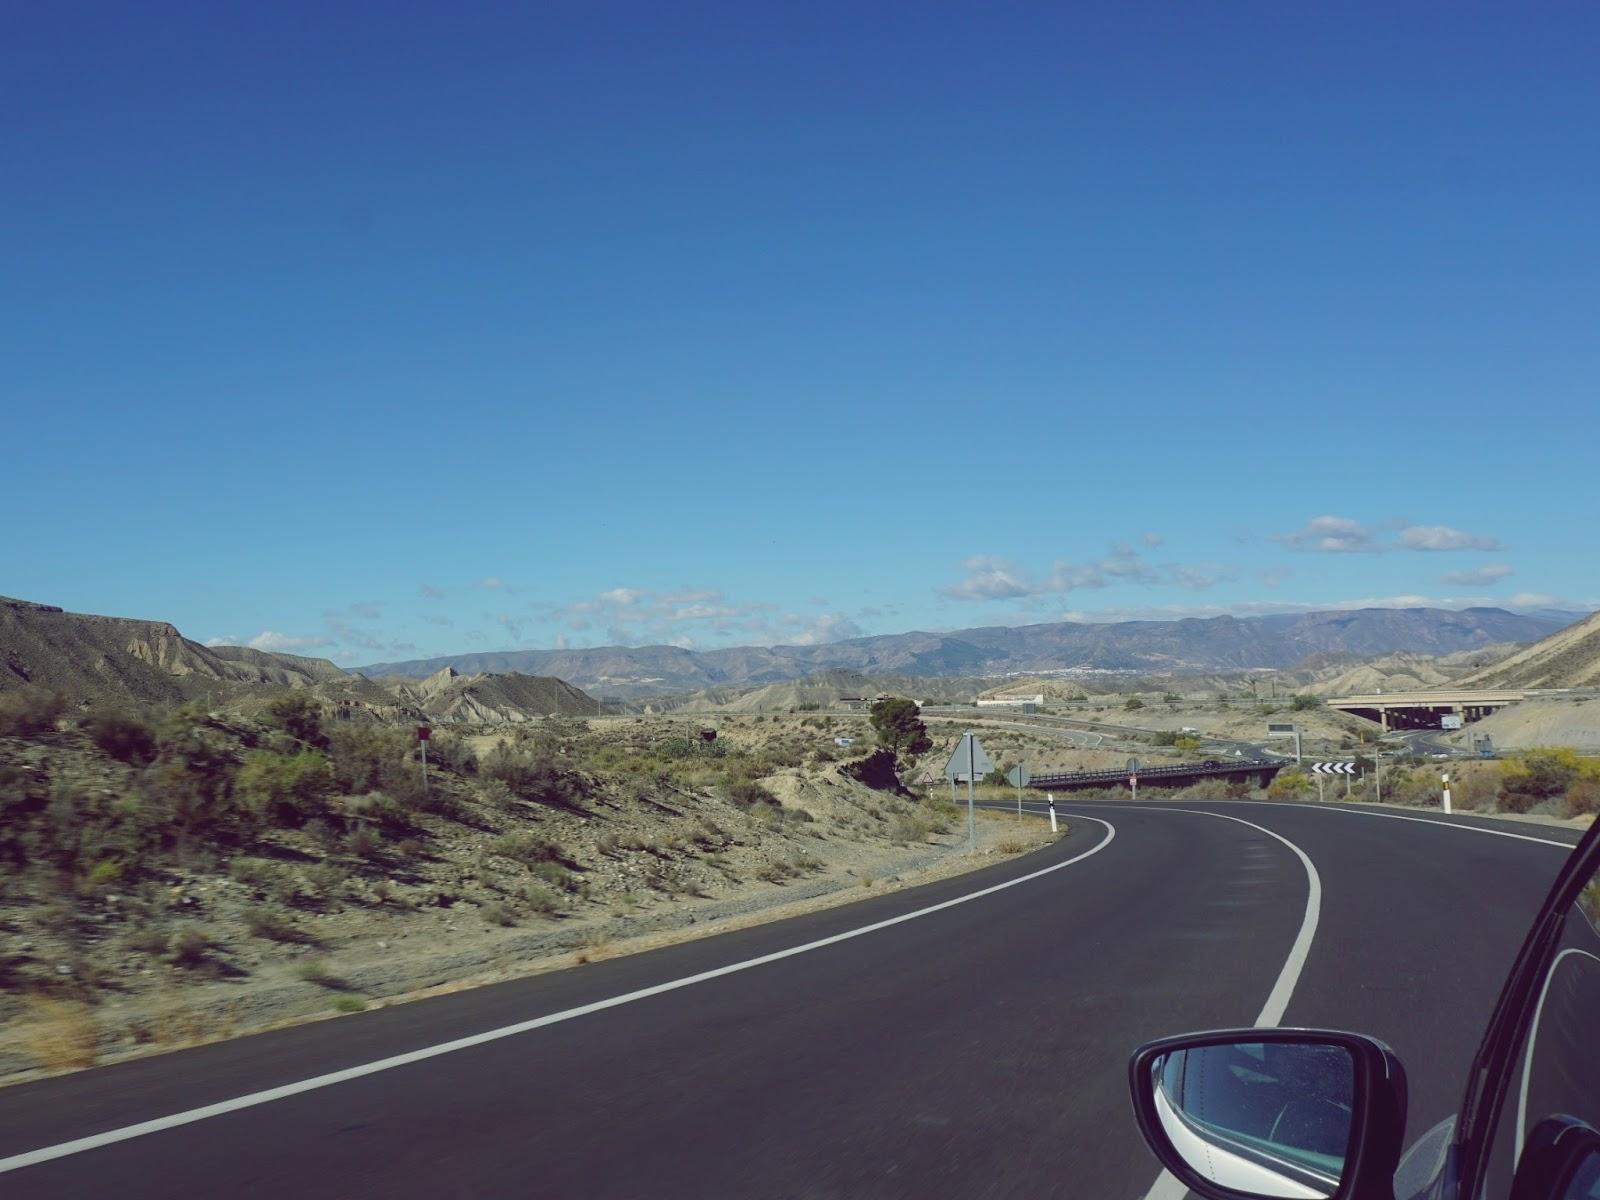 hiszpańska autostrada, Hiszpania, panidorcia, blog, wrażenia z Hiszpanii, podróże